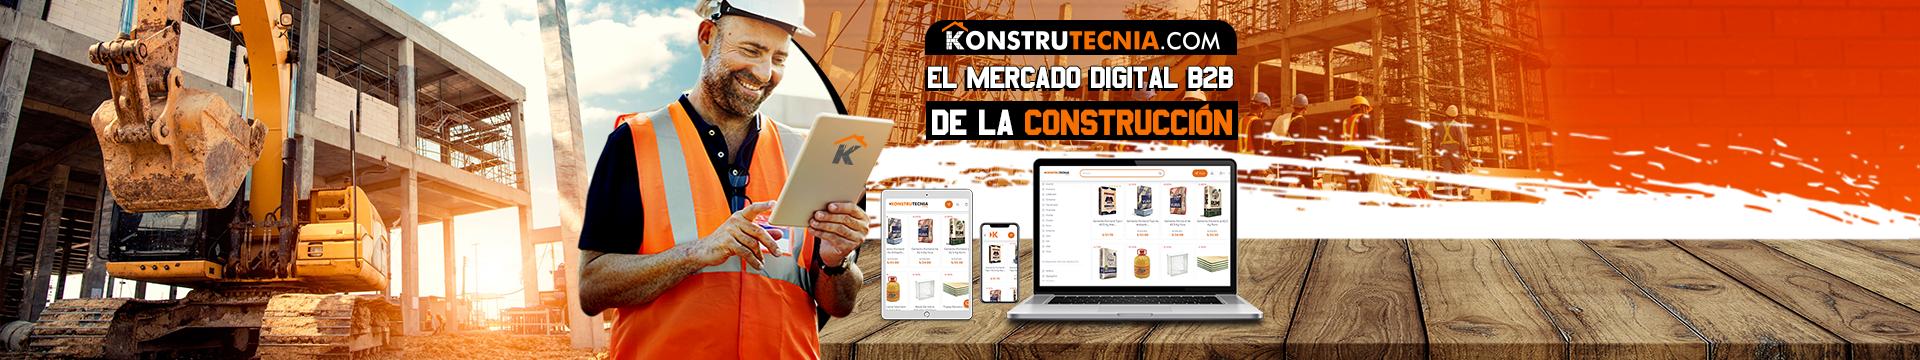 KONSTRUTECNIA.COM El Marketplace B2B de la Construcción